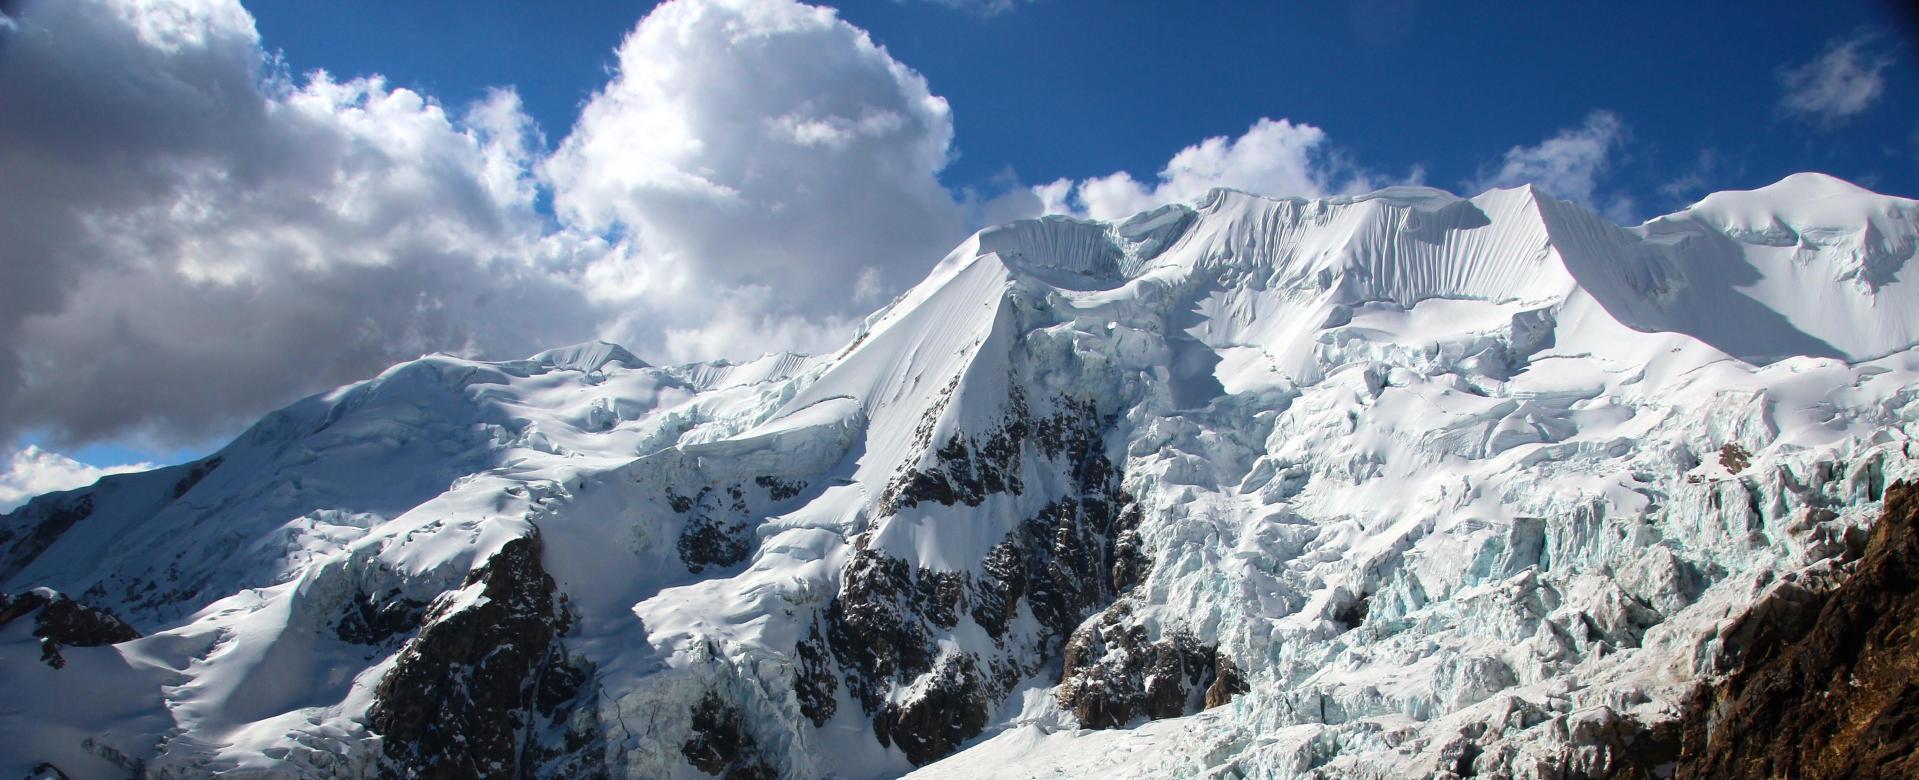 Voyage à pied : Cordillère royale et illimani (6439 m)